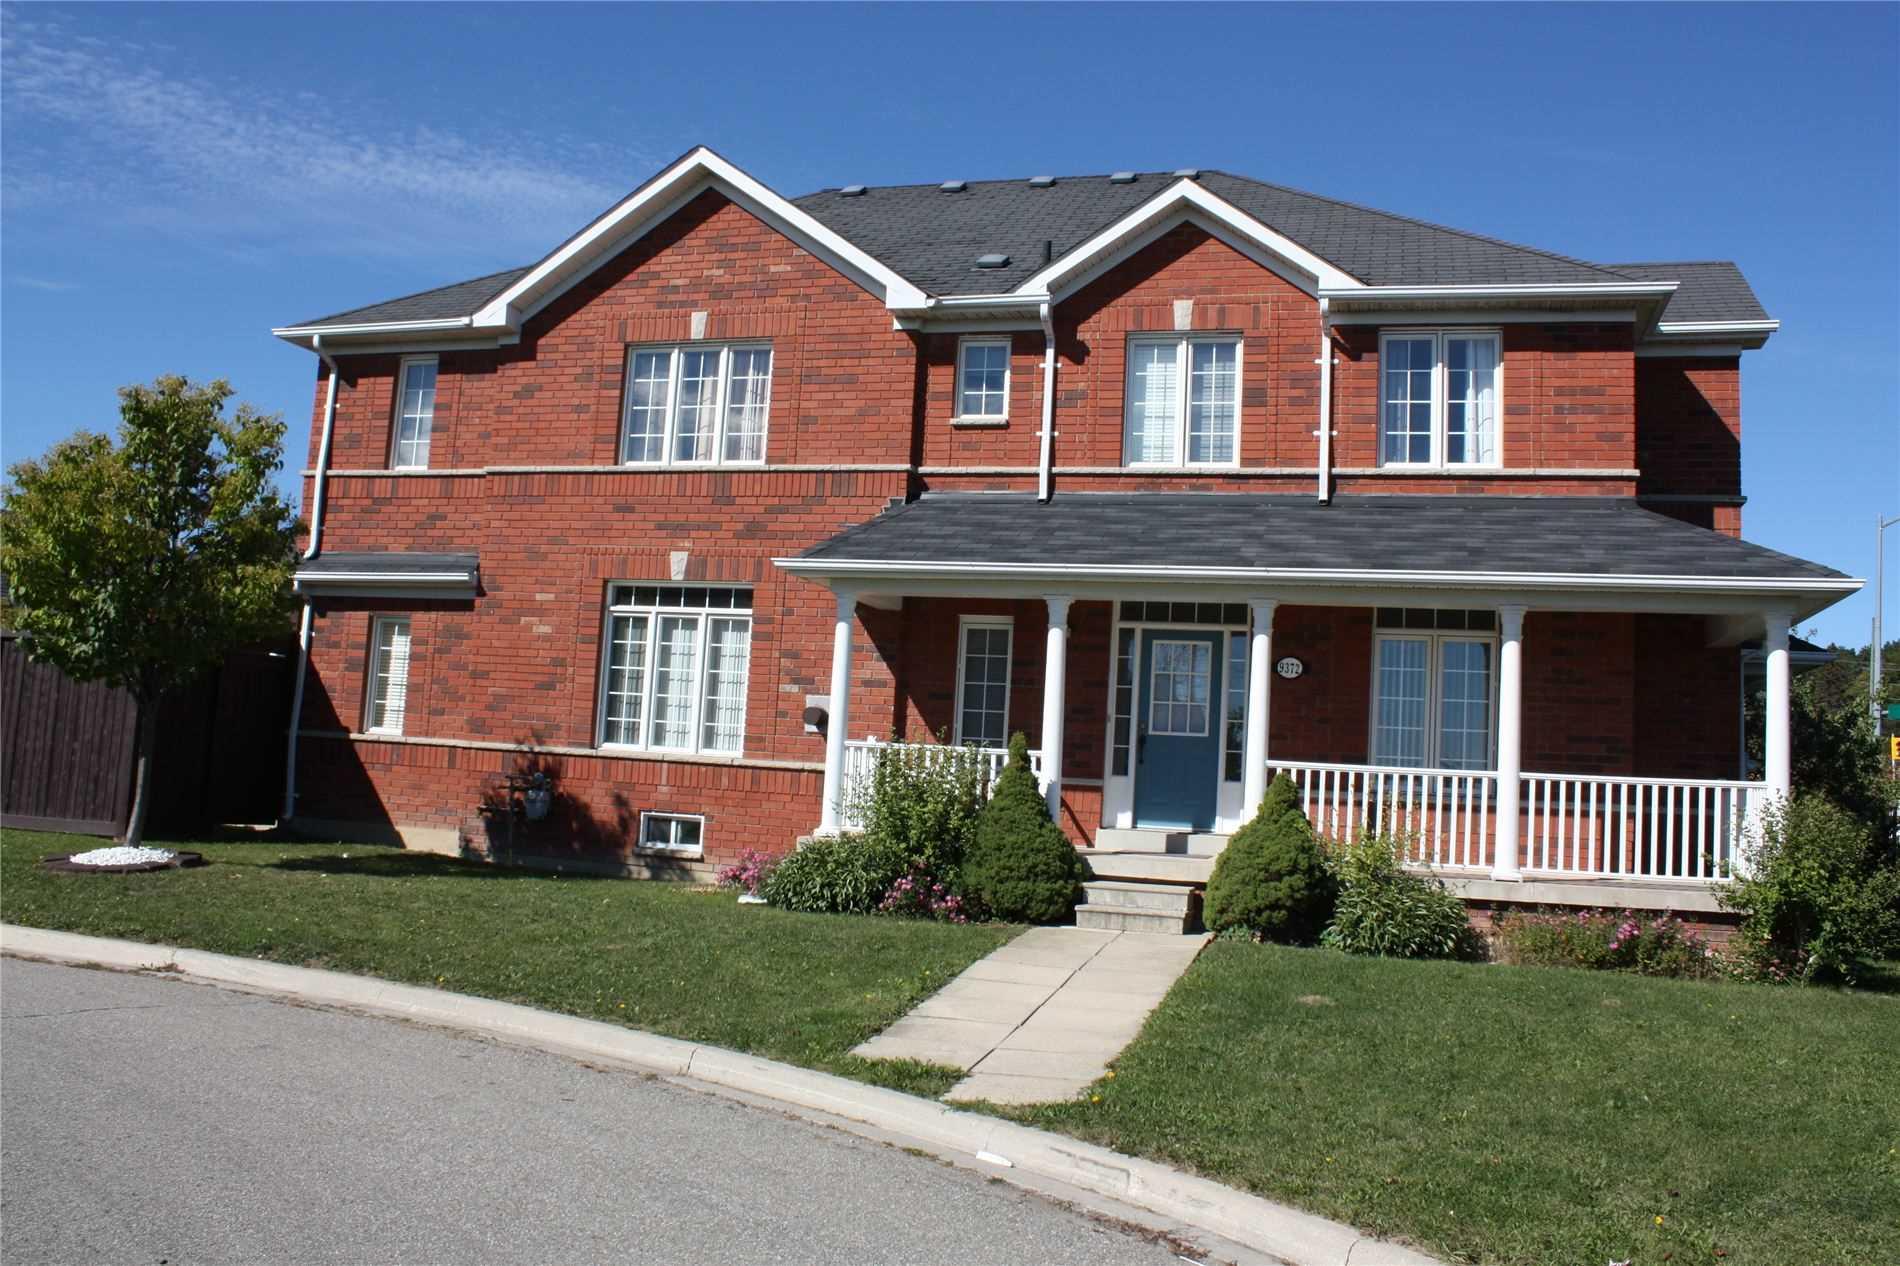 9372 Weston Rd, Vaughan Ontario, Canada